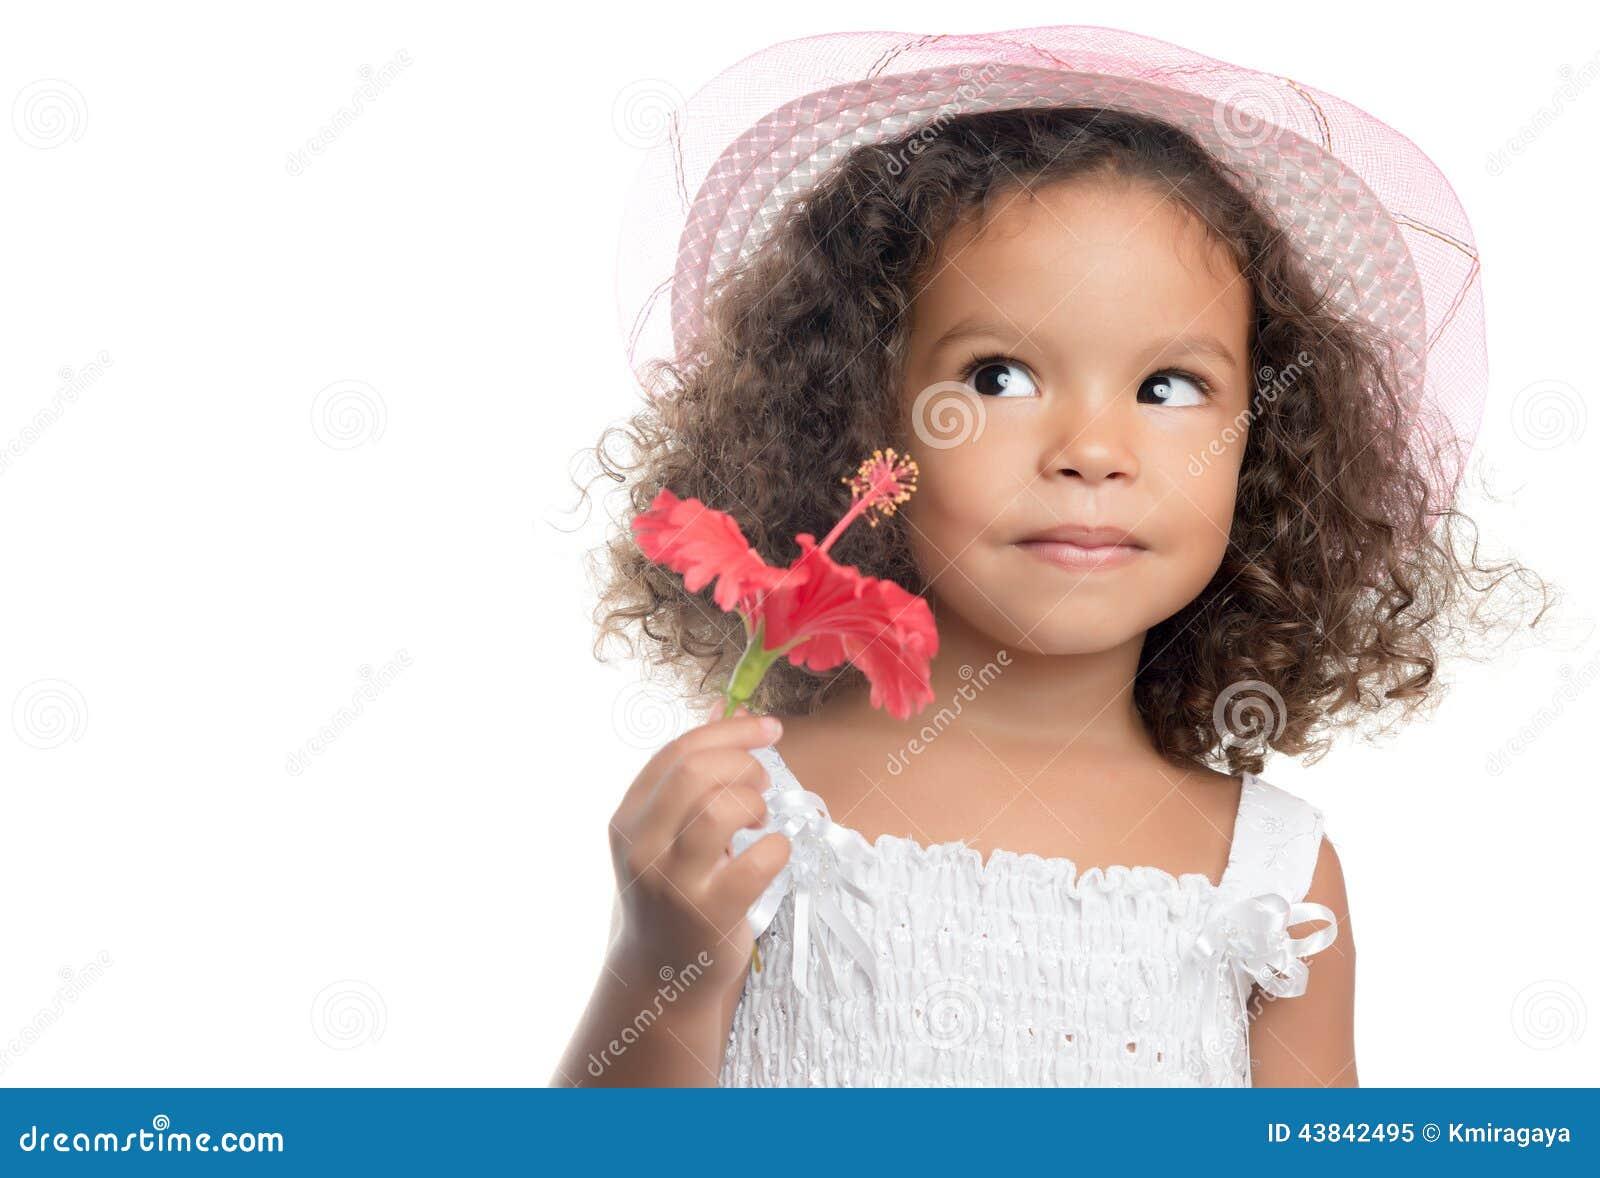 petite fille avec une coiffure afro tenant une fleur rouge image stock image du caribbean. Black Bedroom Furniture Sets. Home Design Ideas